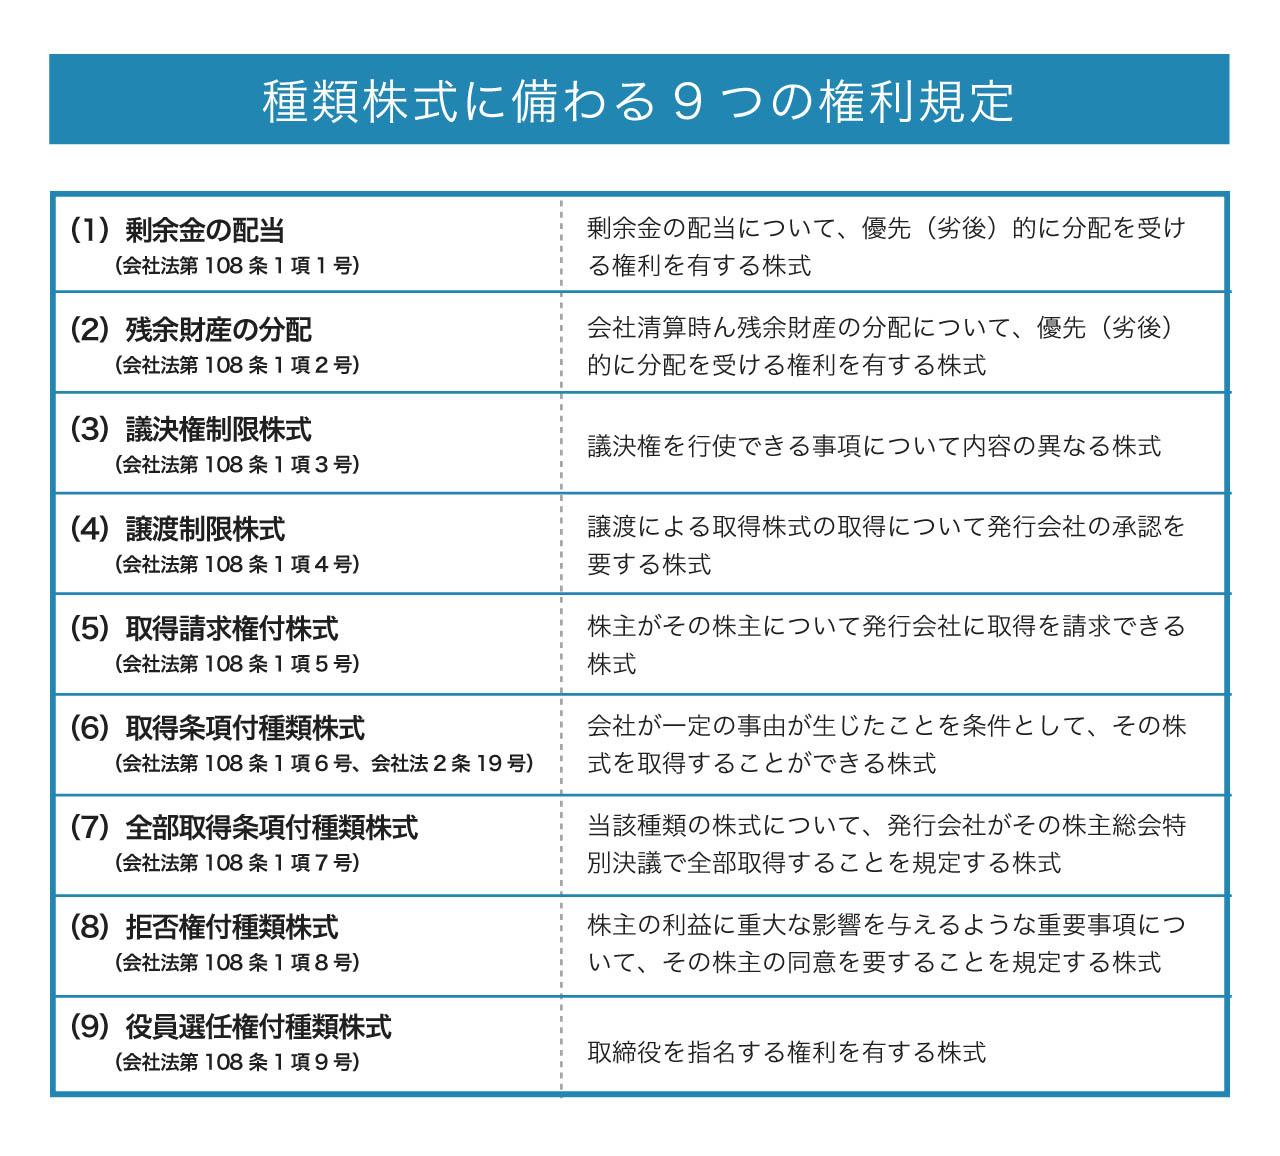 図版2種類株式に備わる9つの権利規定